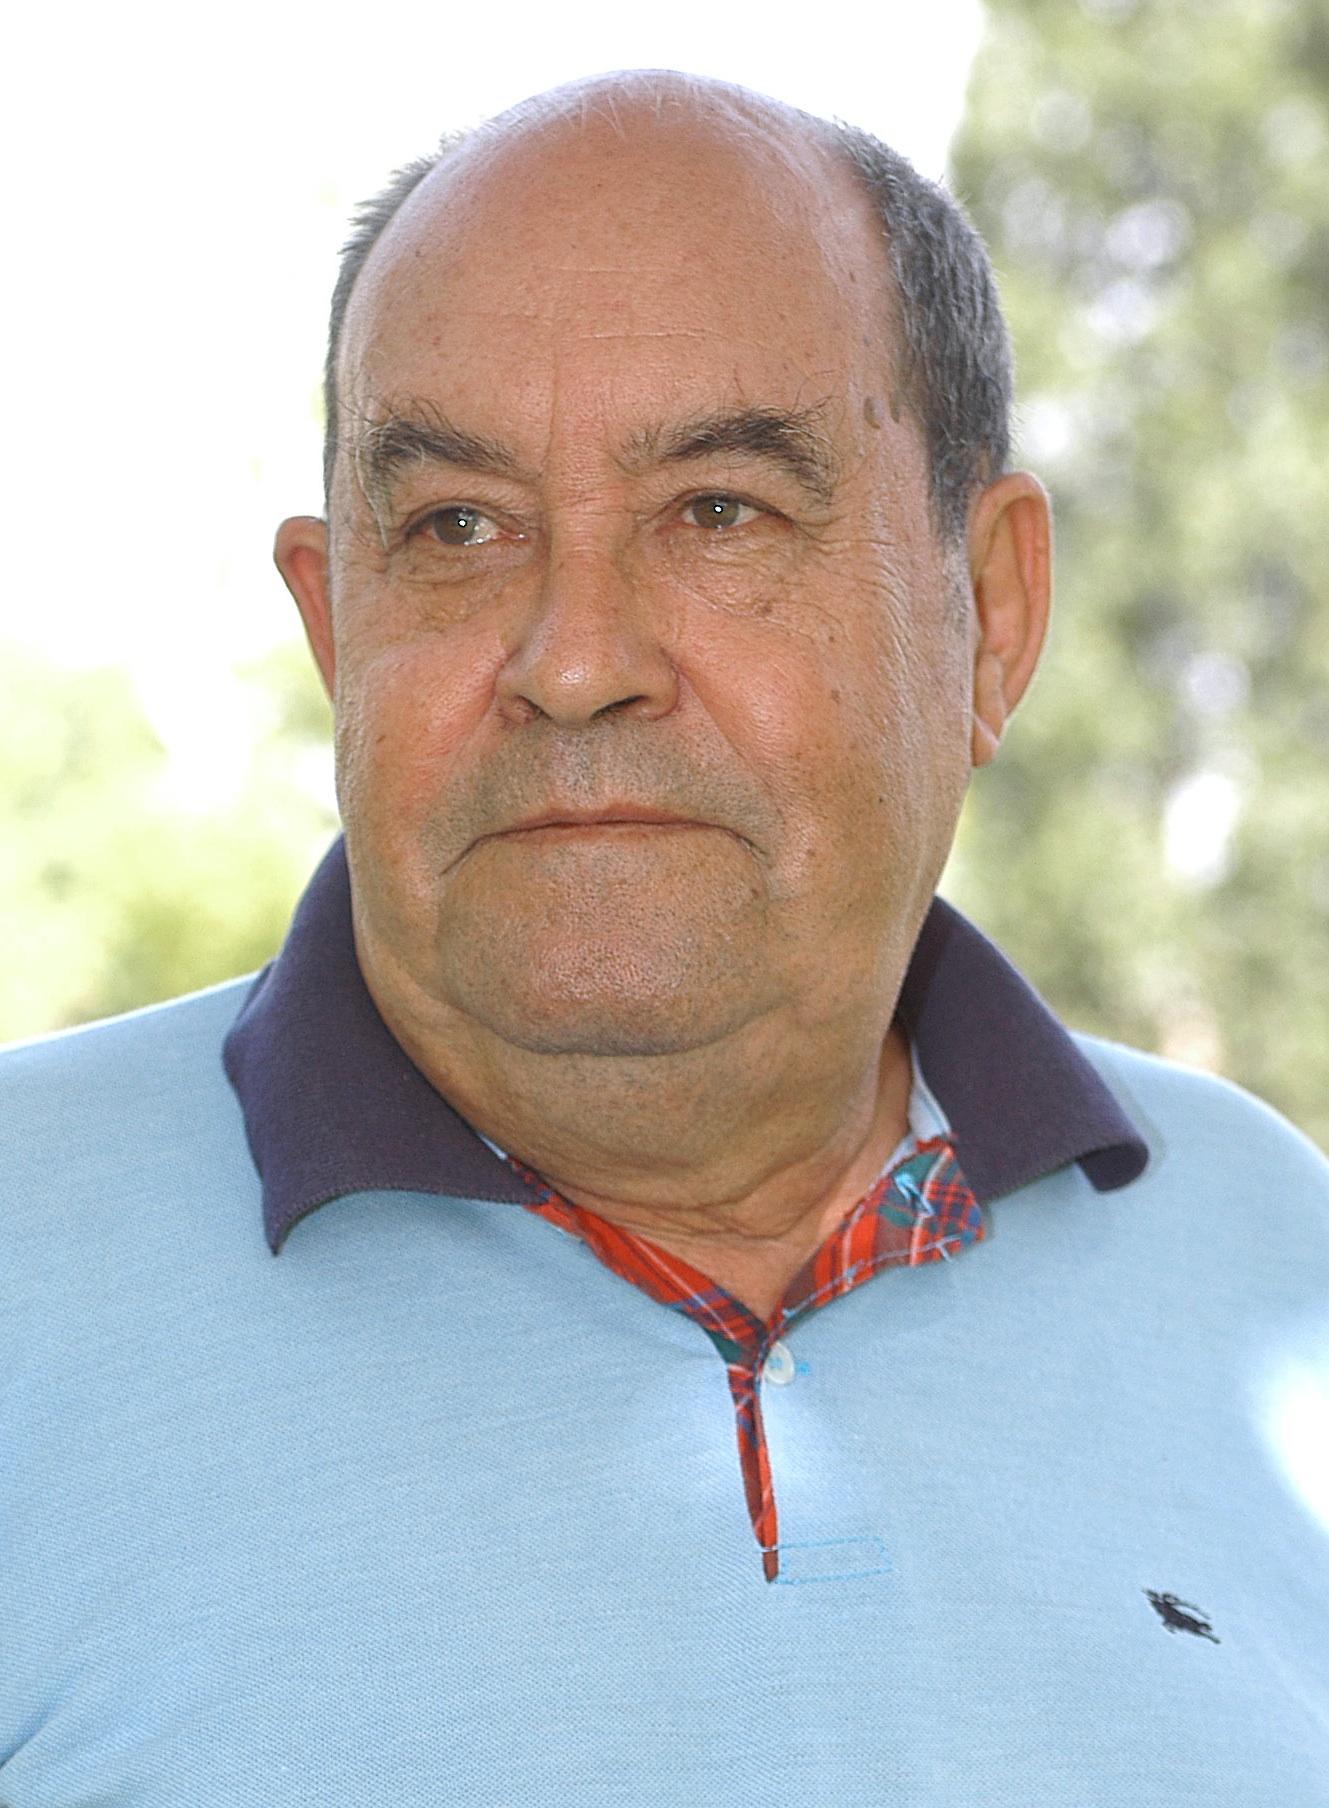 Entrevista a Antonio García-Bellido por David Gubb